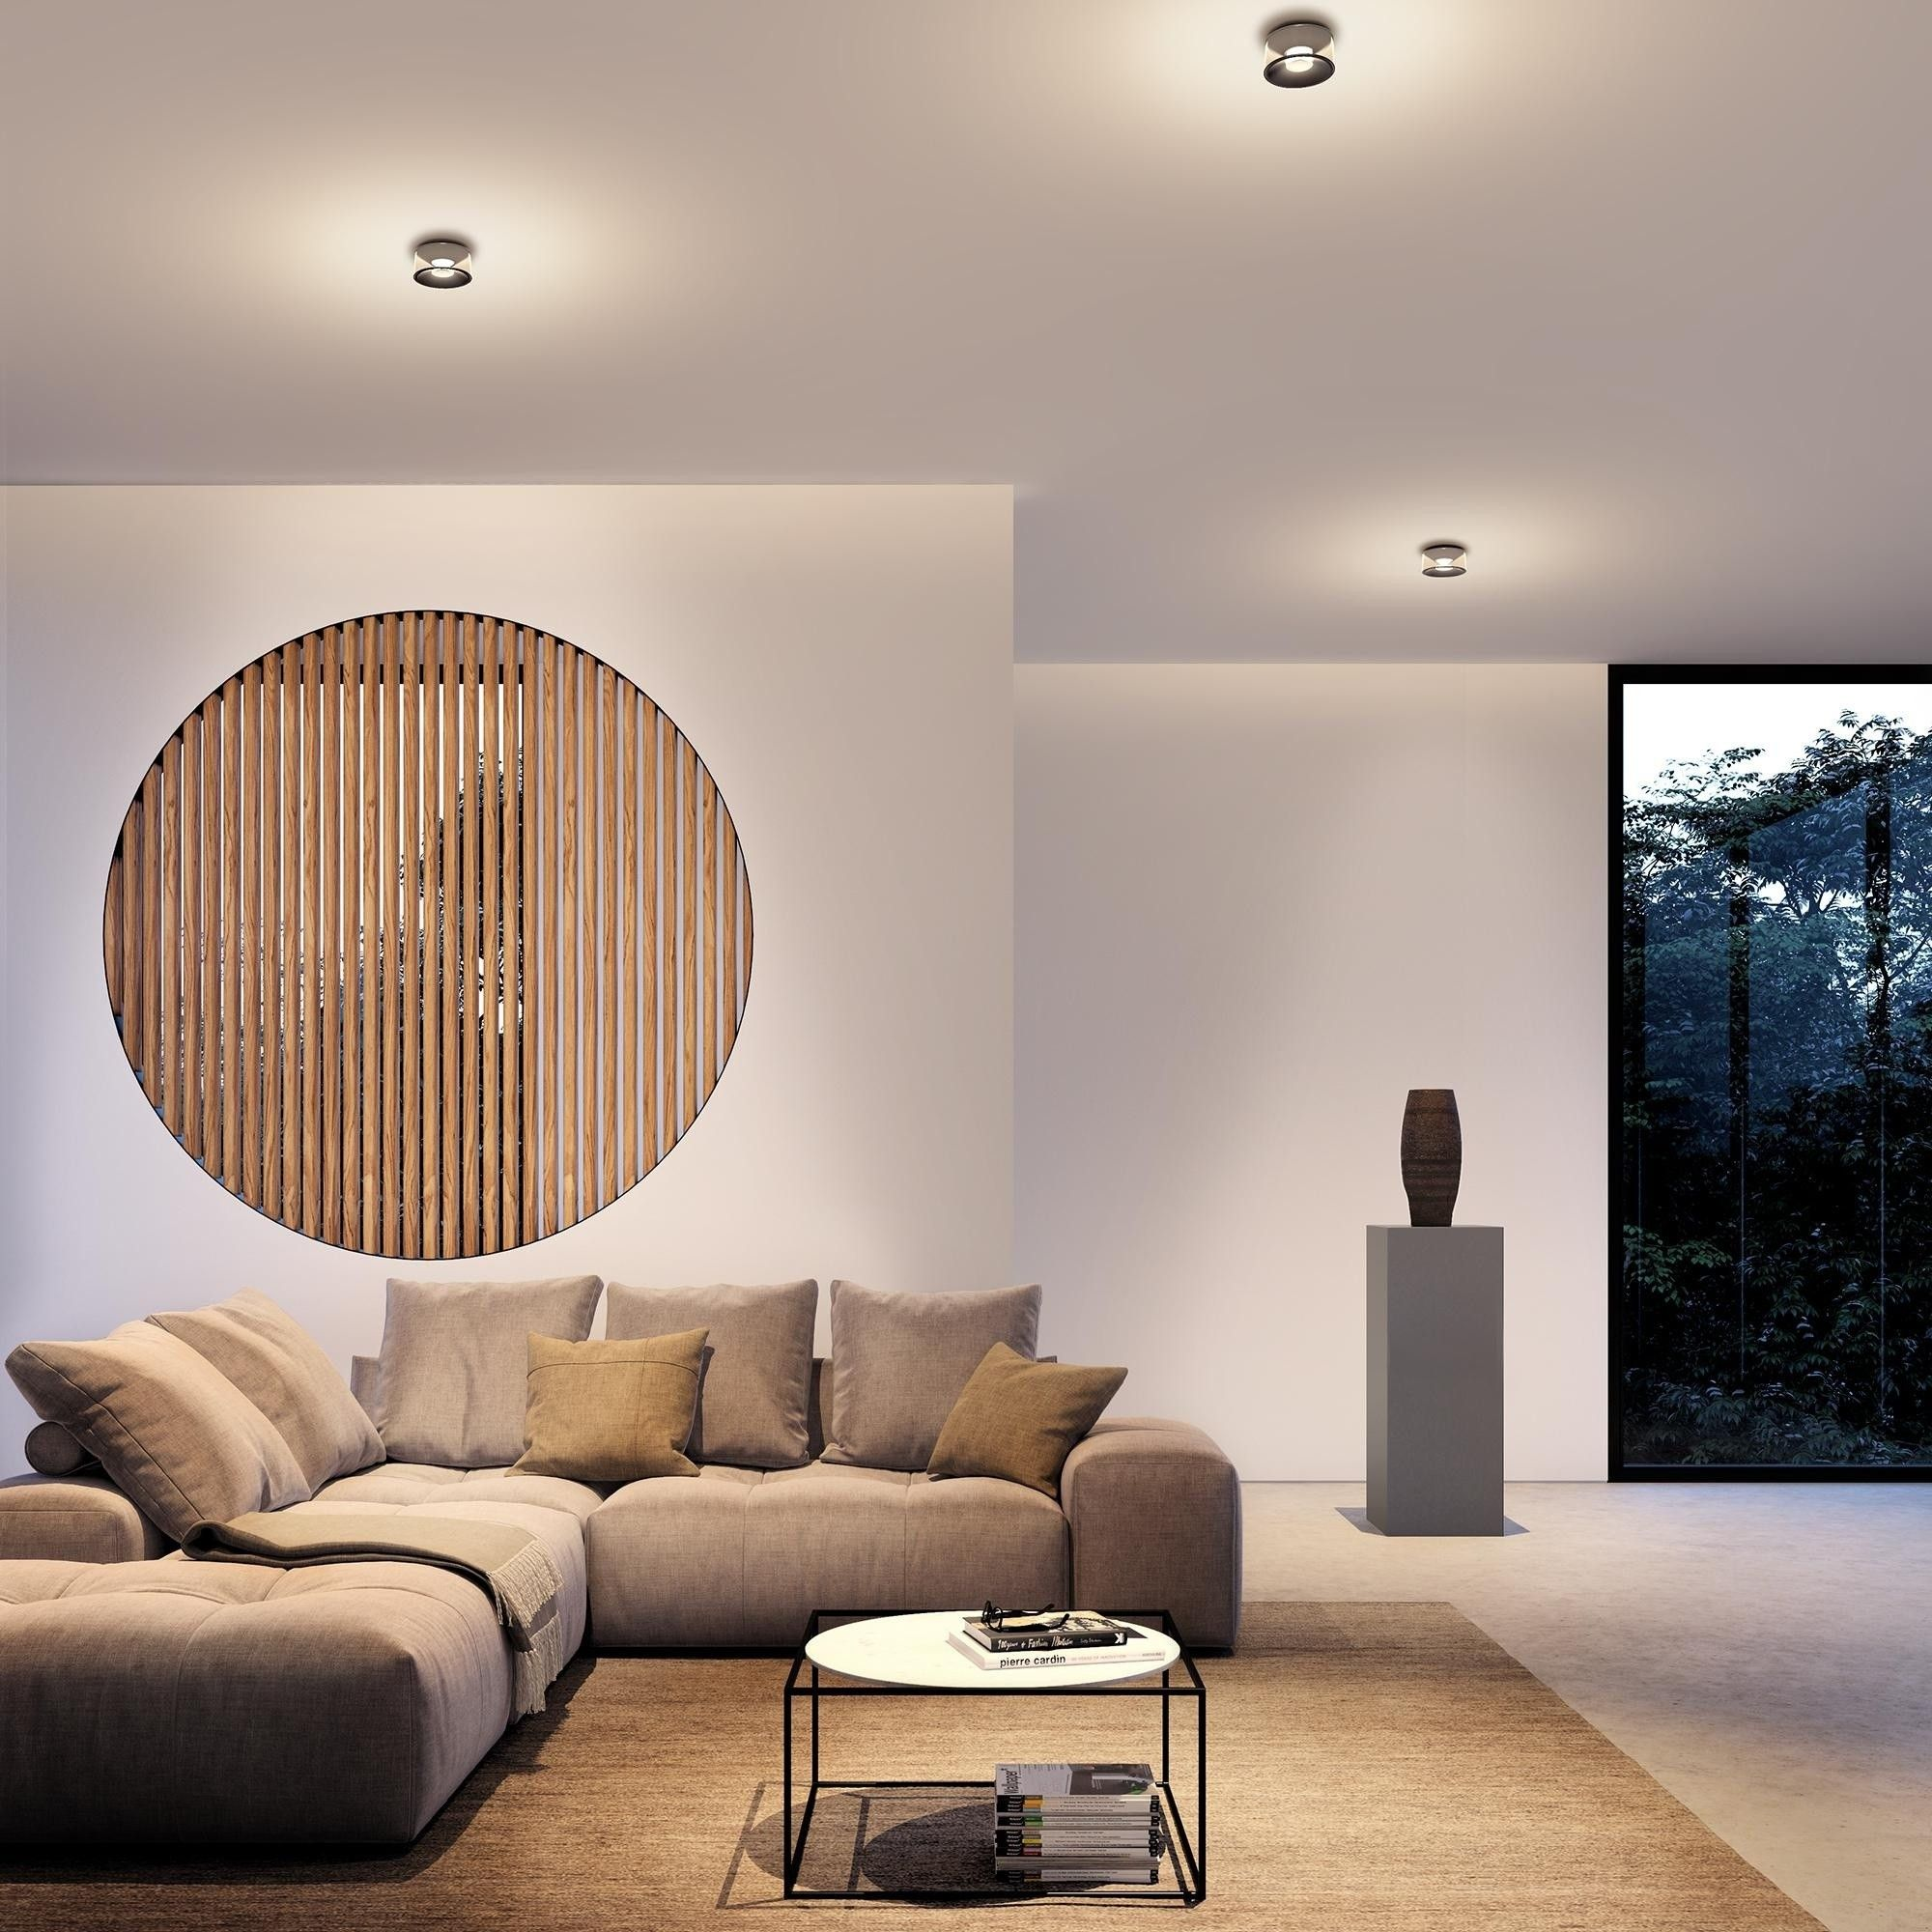 Ribag Vior Deckenleuchte Deckenbeleuchtung Wohnzimmer Wohnraum Beleuchtung Moderne Deckenbeleuchtung